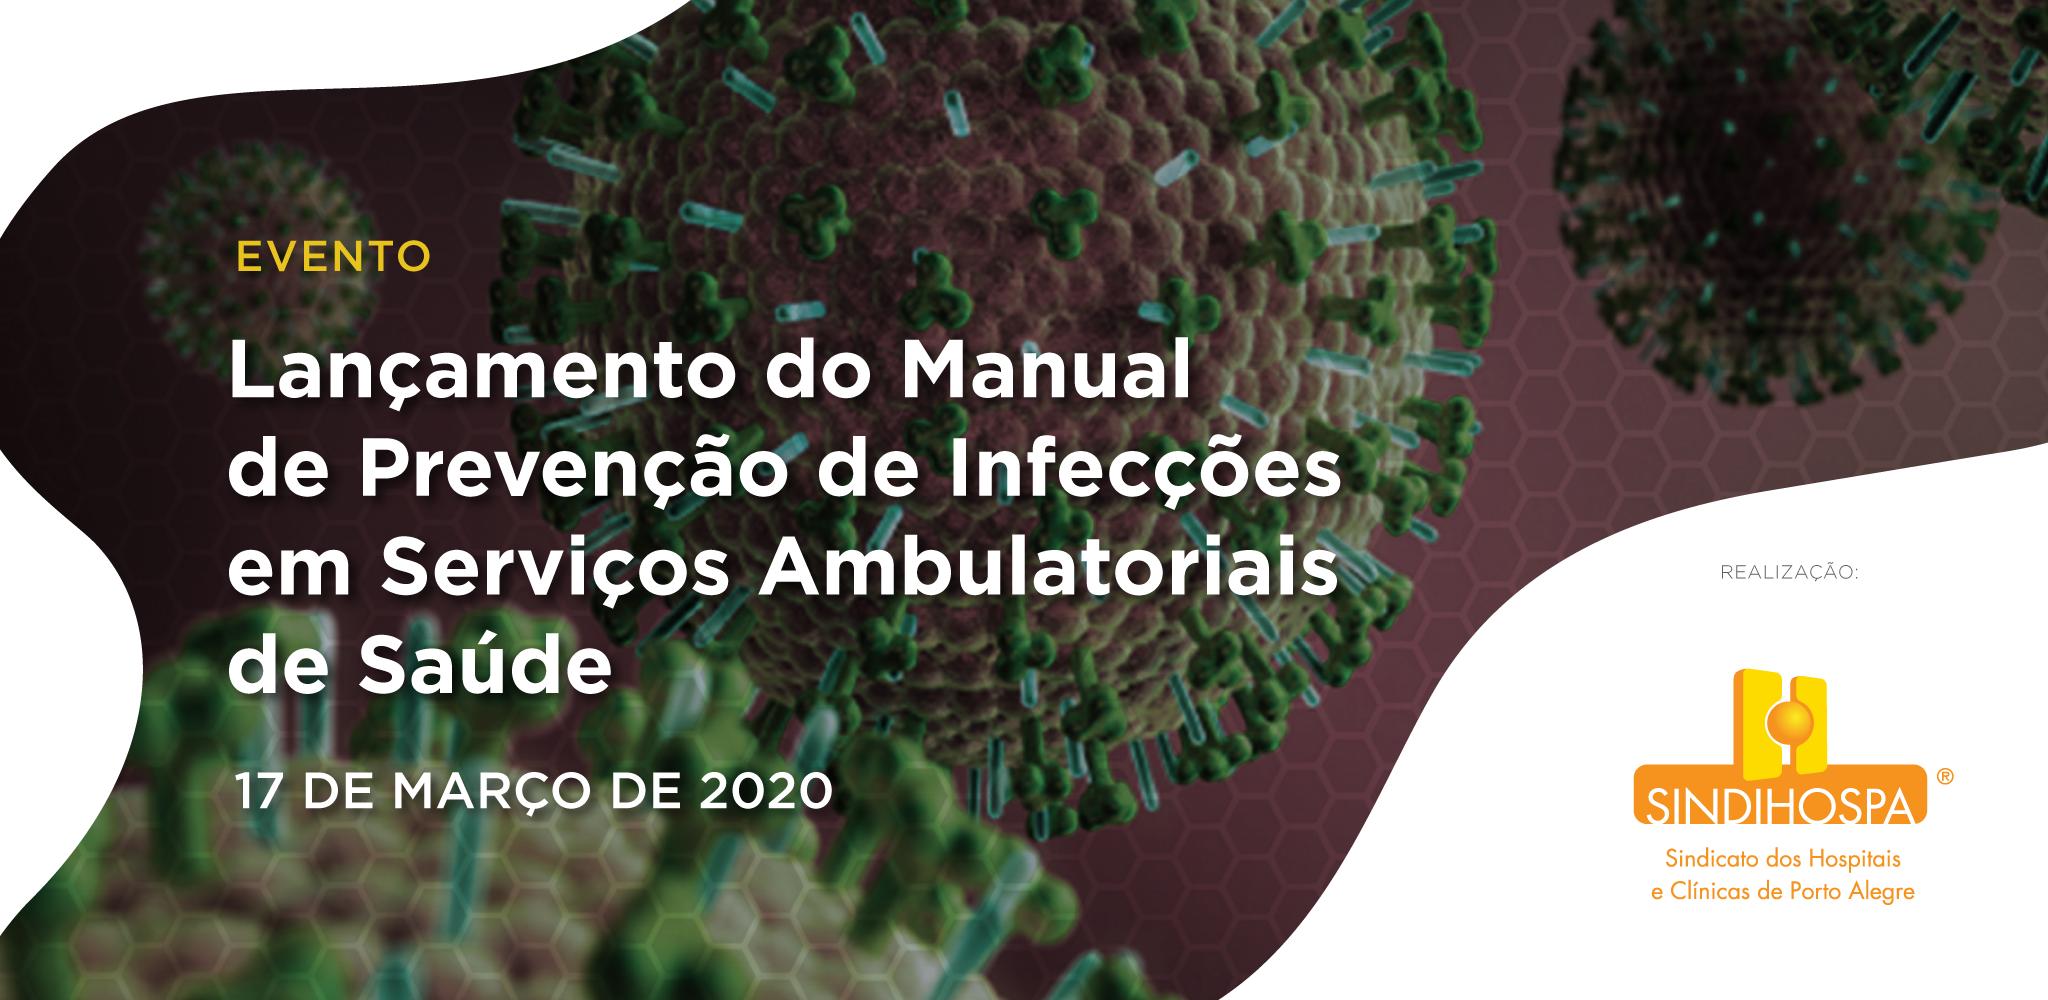 Lançamento do Manual de Prevenção de Infecções em Serviços Ambulatoriais de Saúde